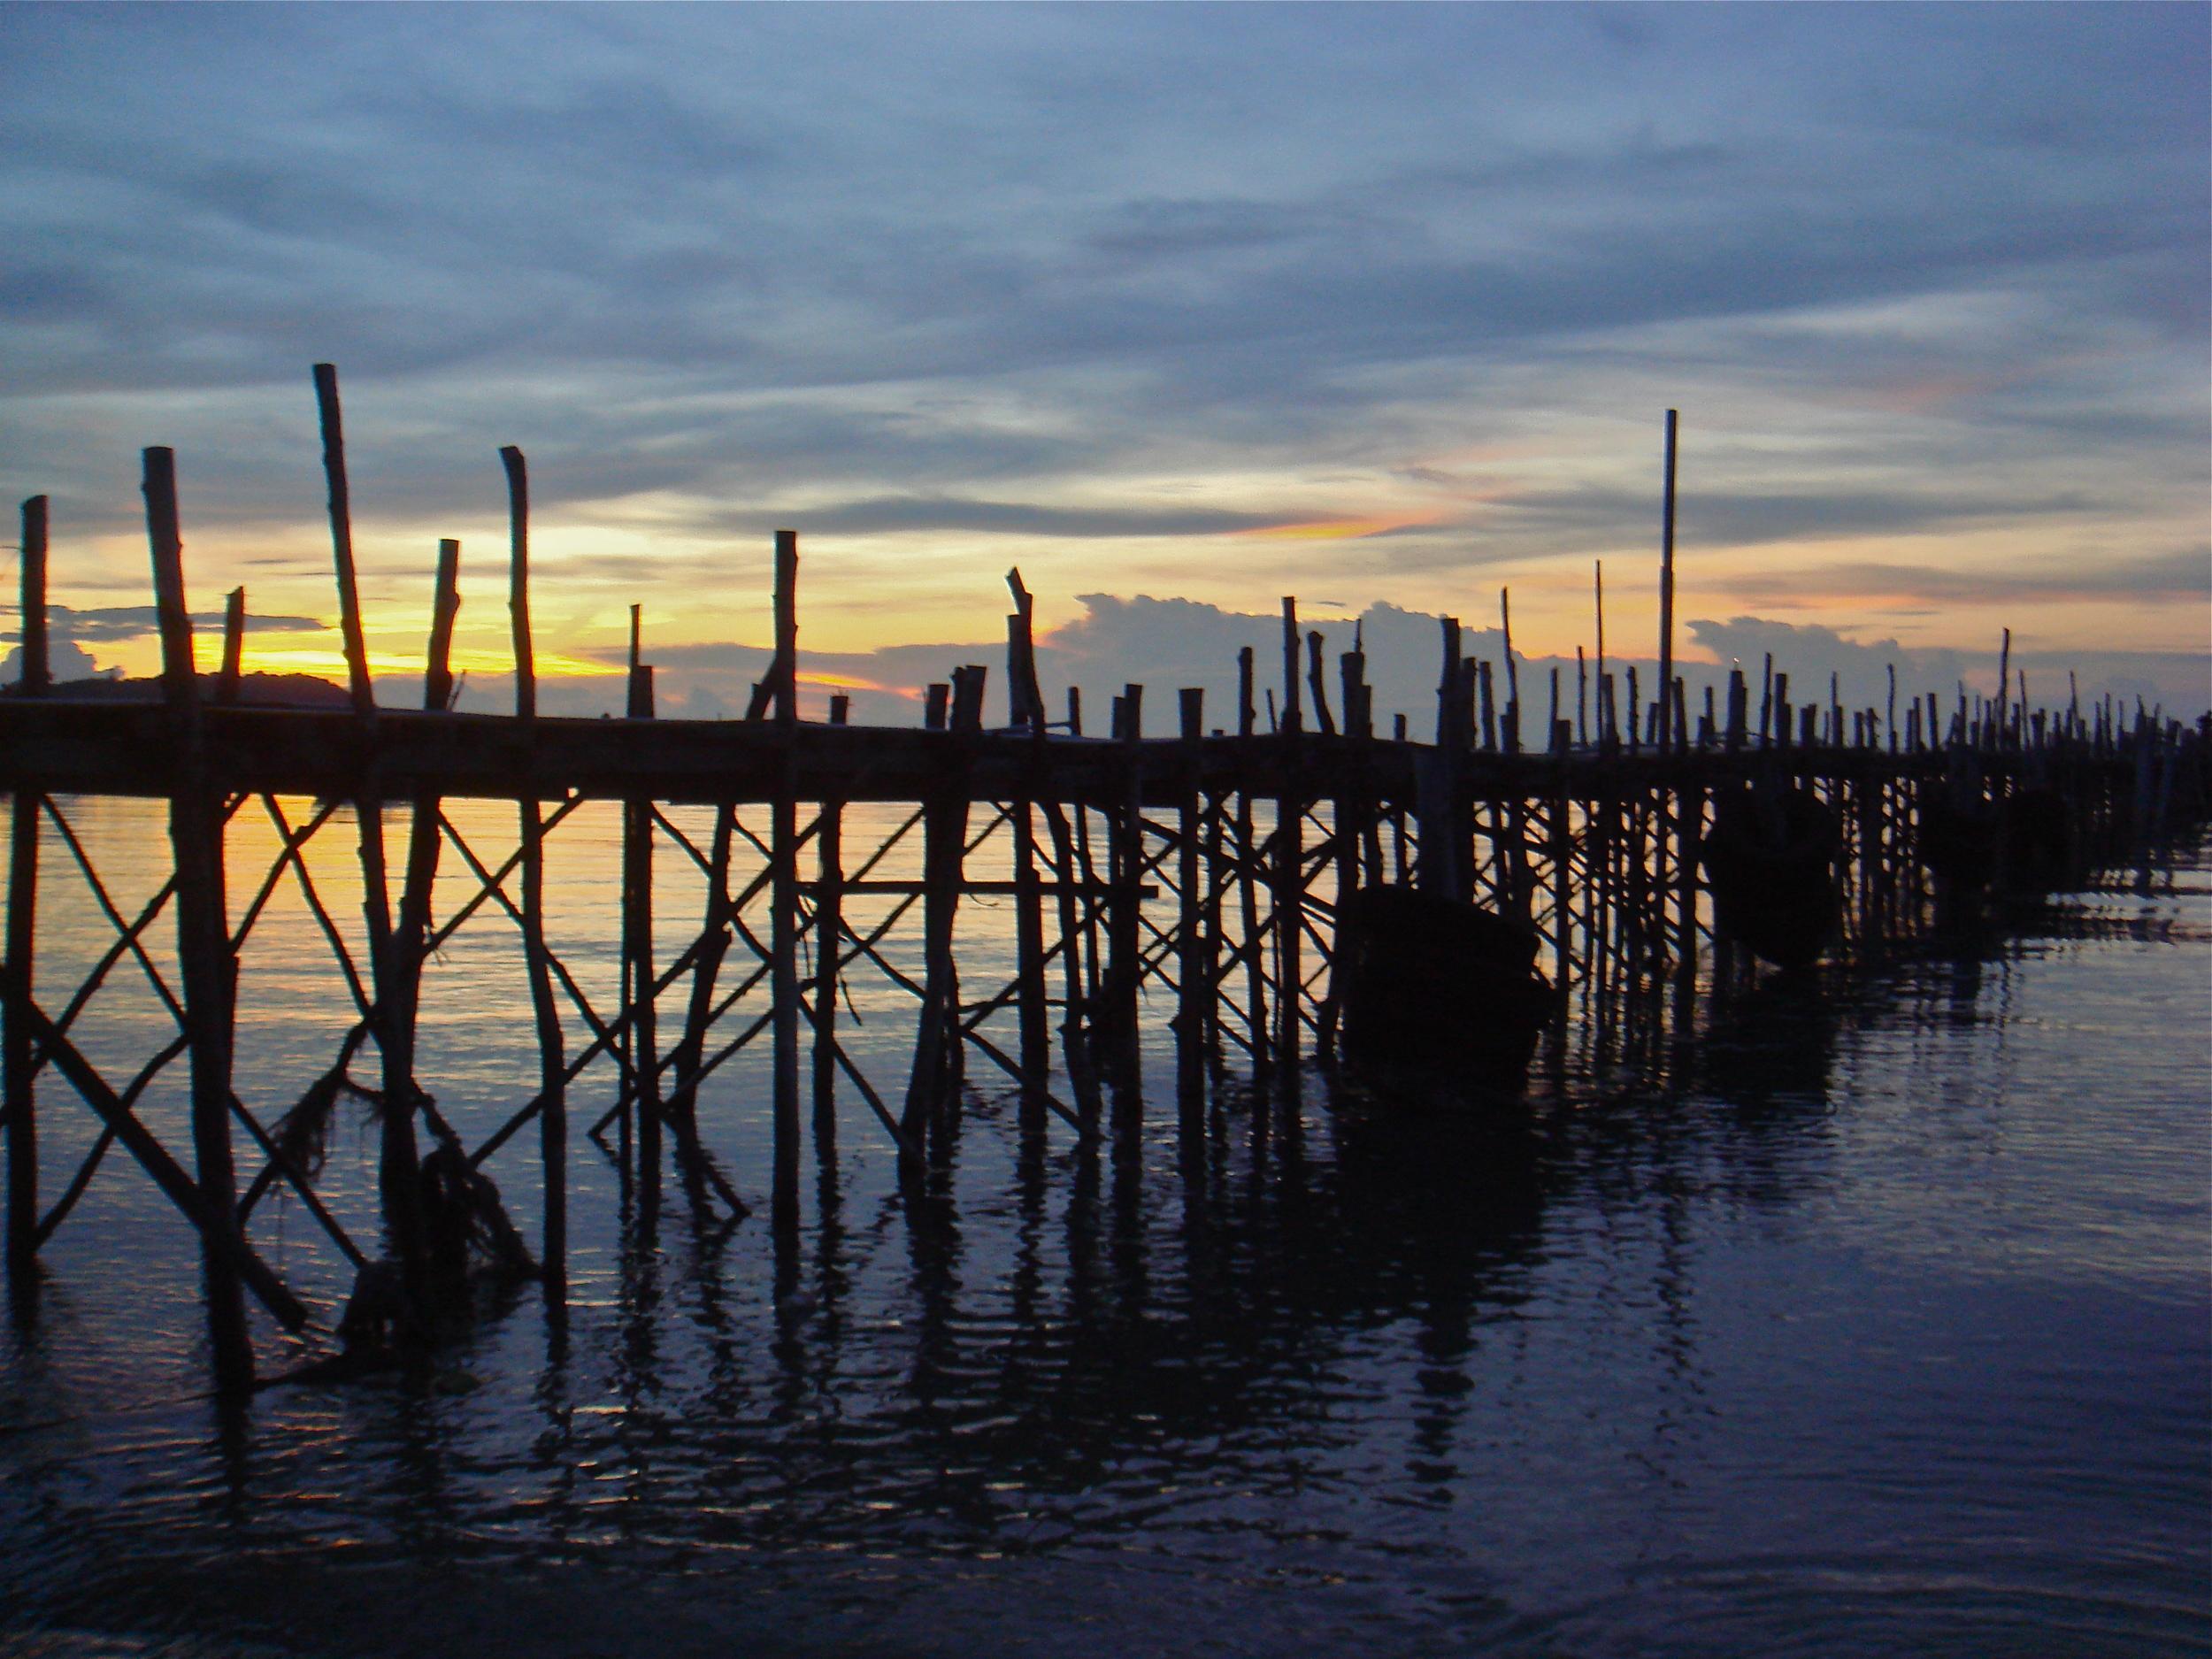 Thai Dock at Sunset        Koh Samui, Thailand